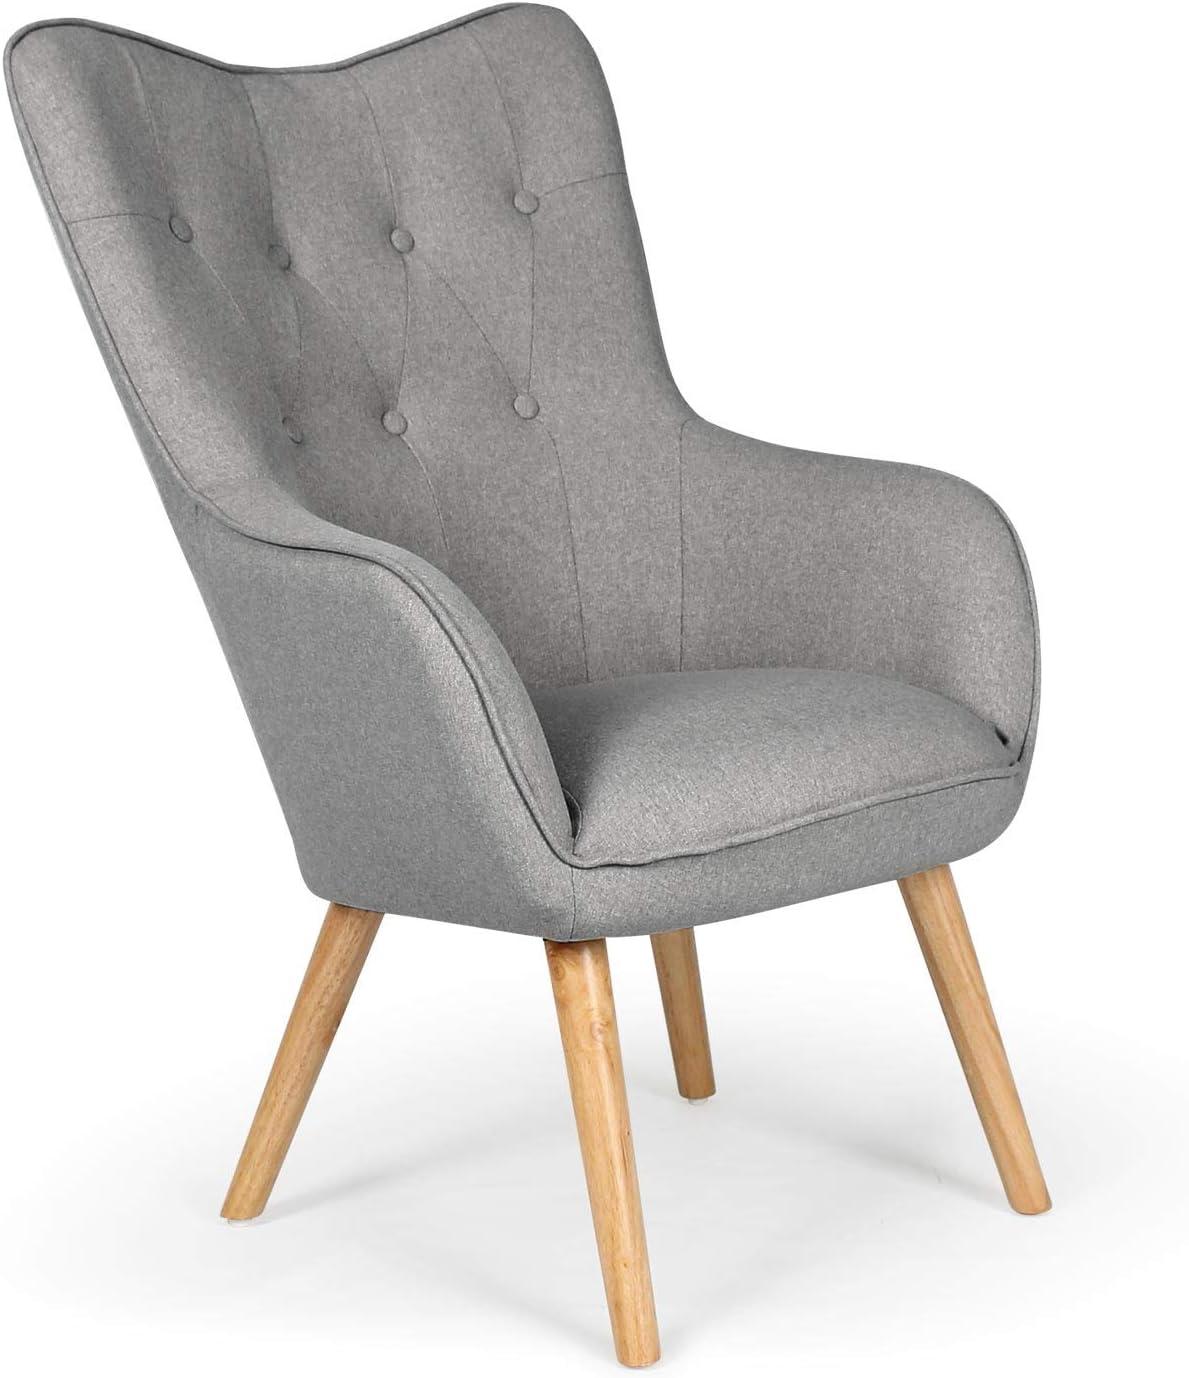 des accoudoirs rembour/és et des pieds en Bois massif H/être Grand Fauteuil au style scandinave avec un rev/êtement en tissu gris